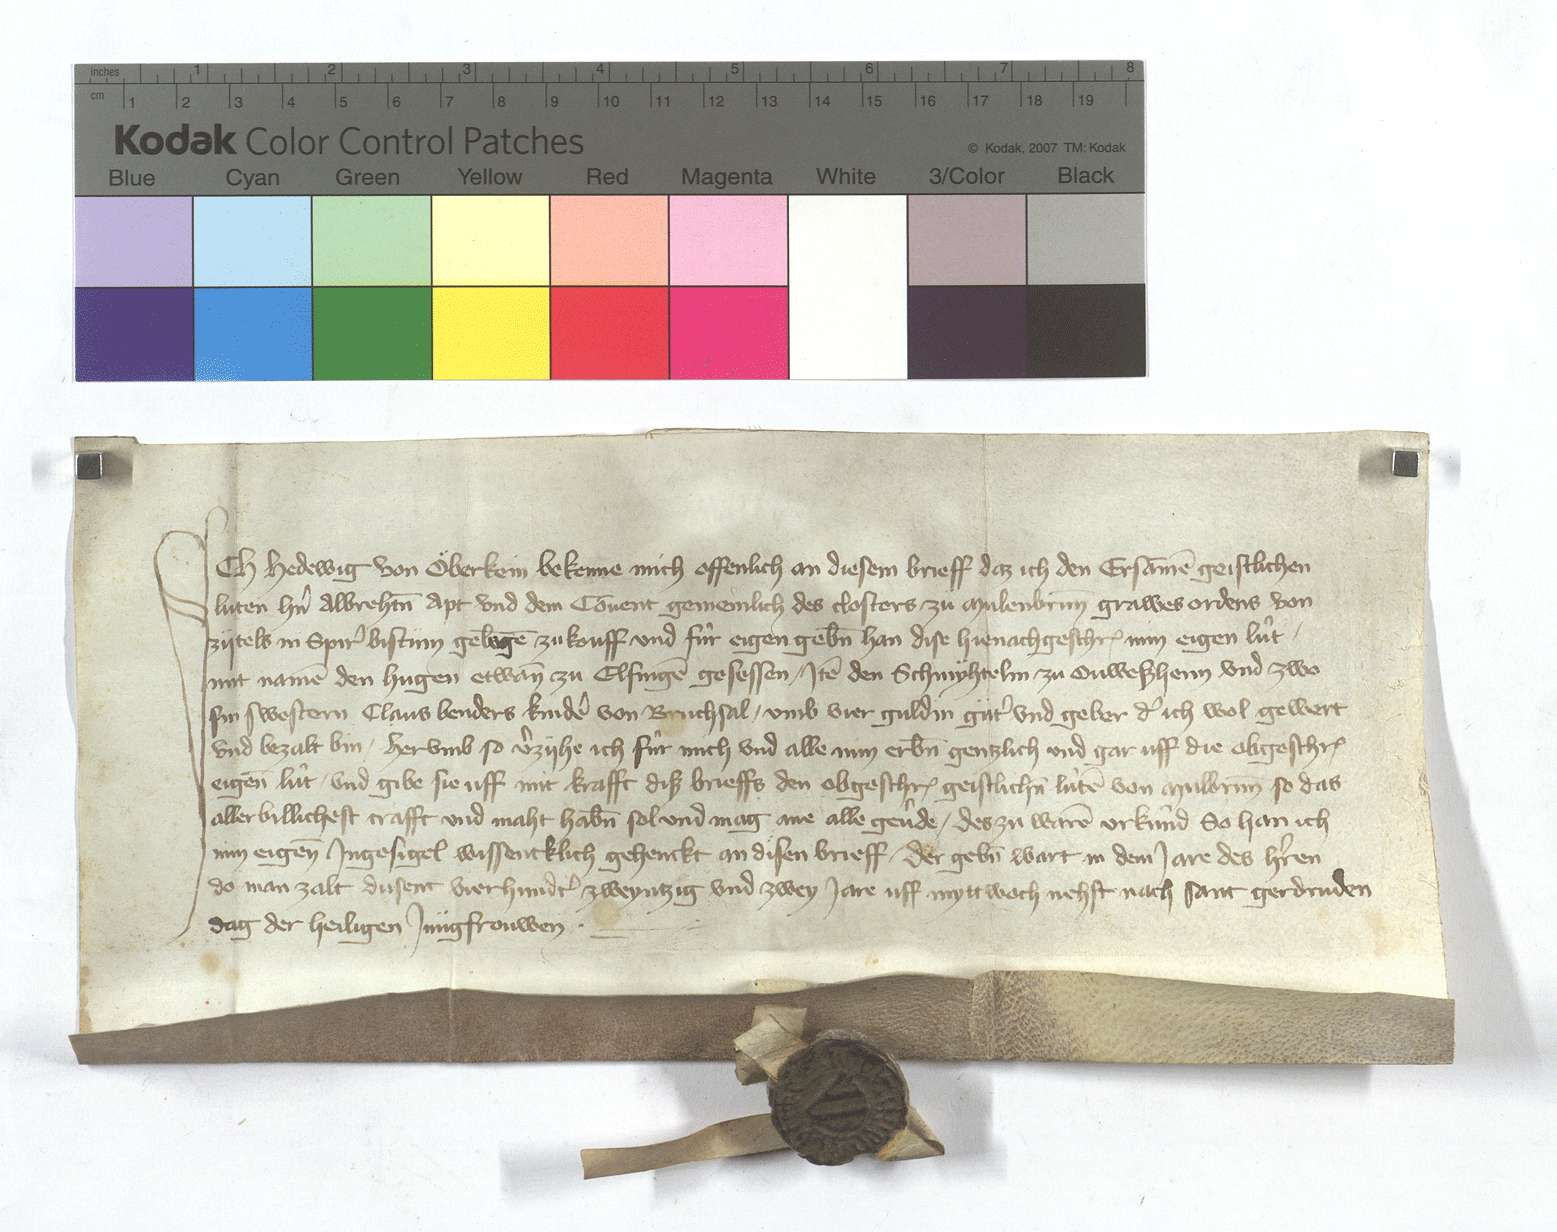 Fertigung der Hedwig von Obrigheim (Öberkein) um ihre Leibeigenen in Flehingen, Unteröwisheim (Öwisheim) und Bruchsal., Text